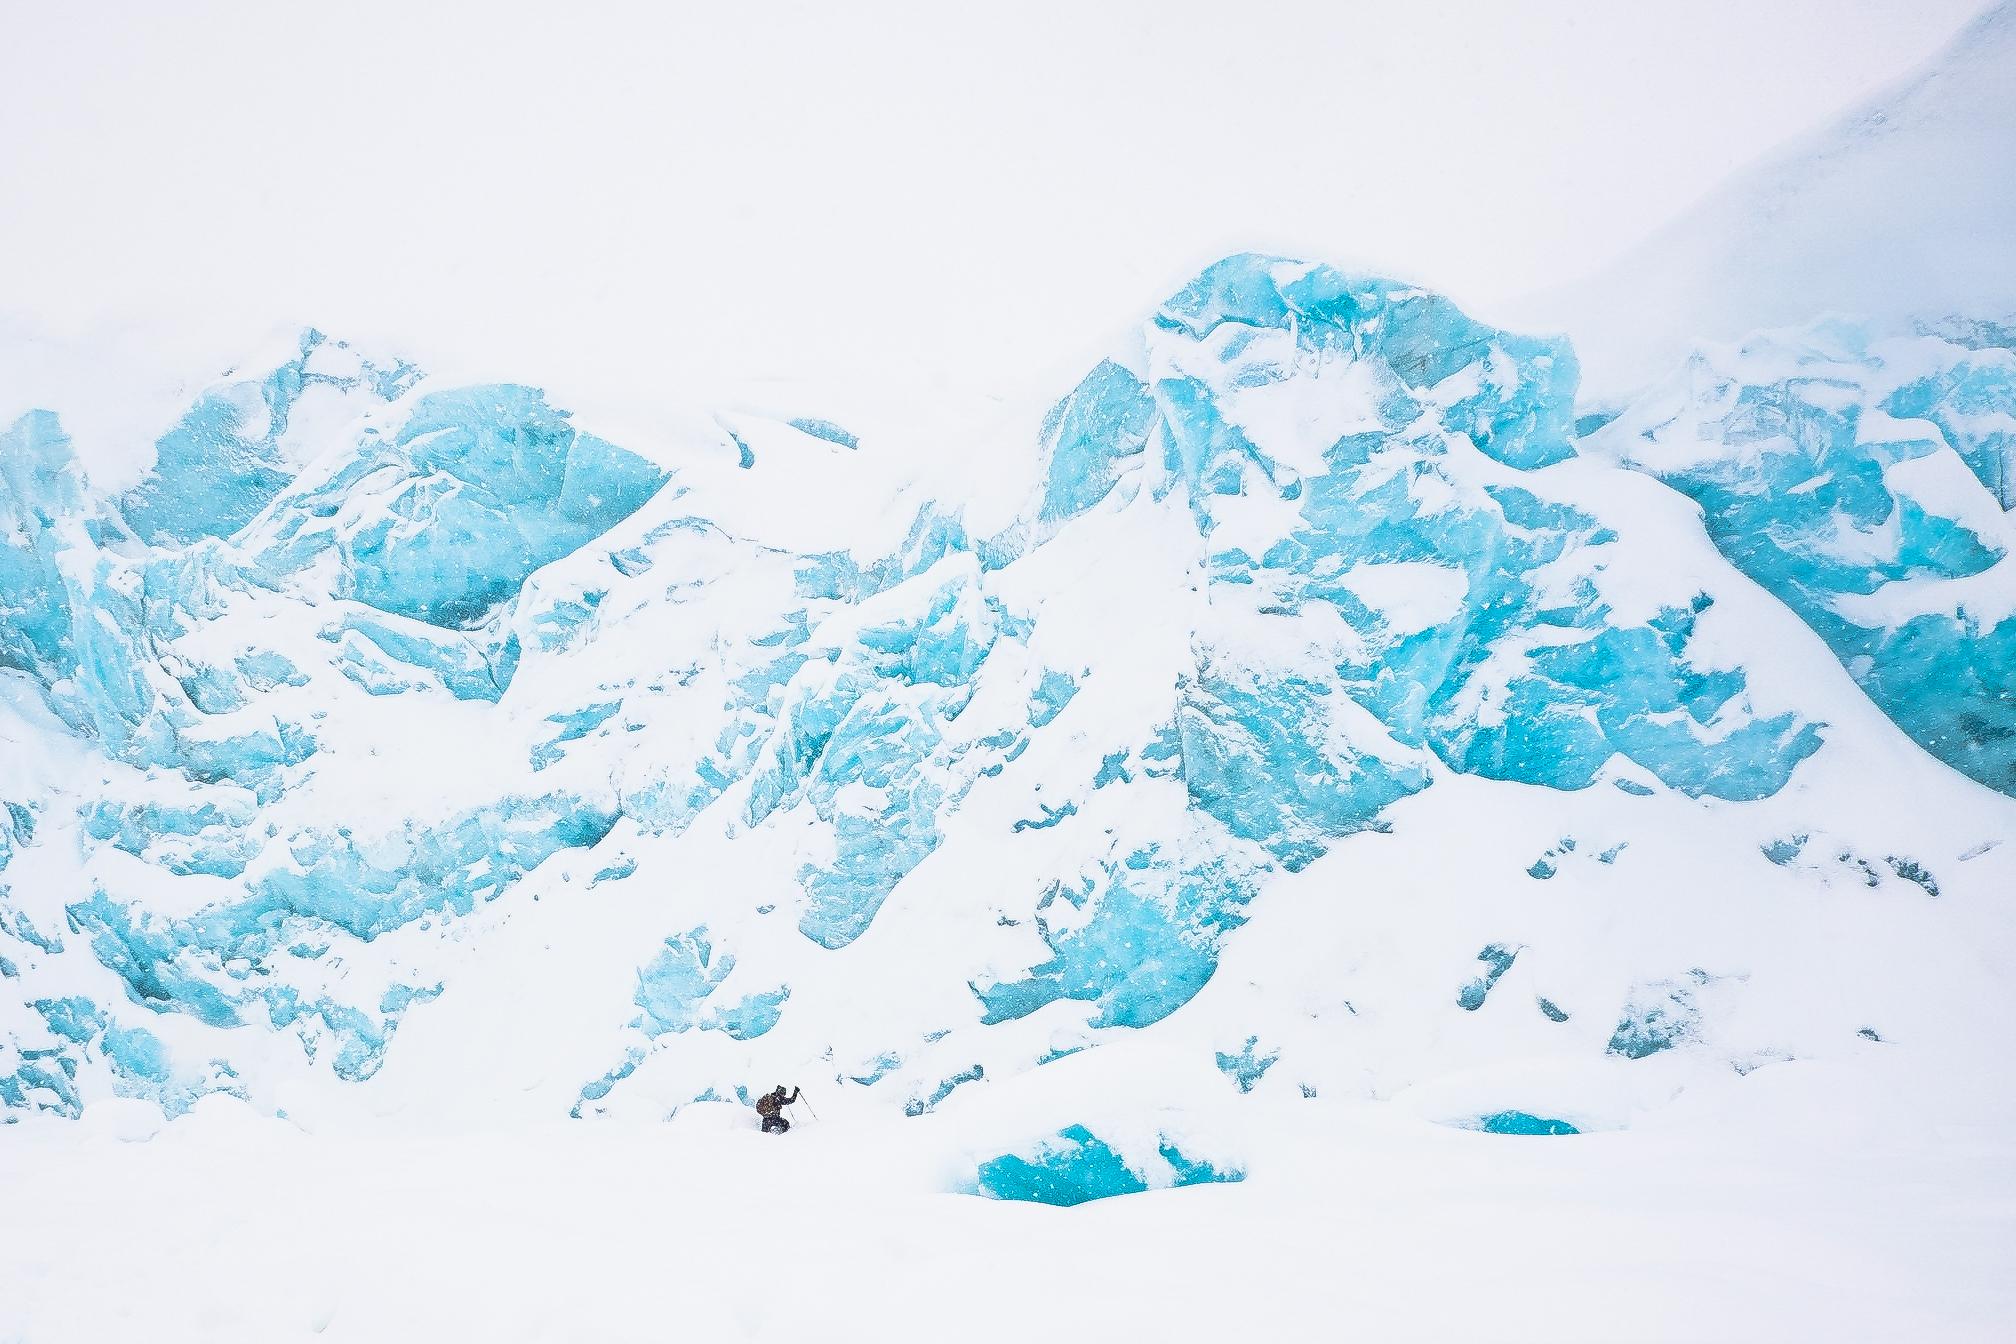 portage glacier-4450.jpg